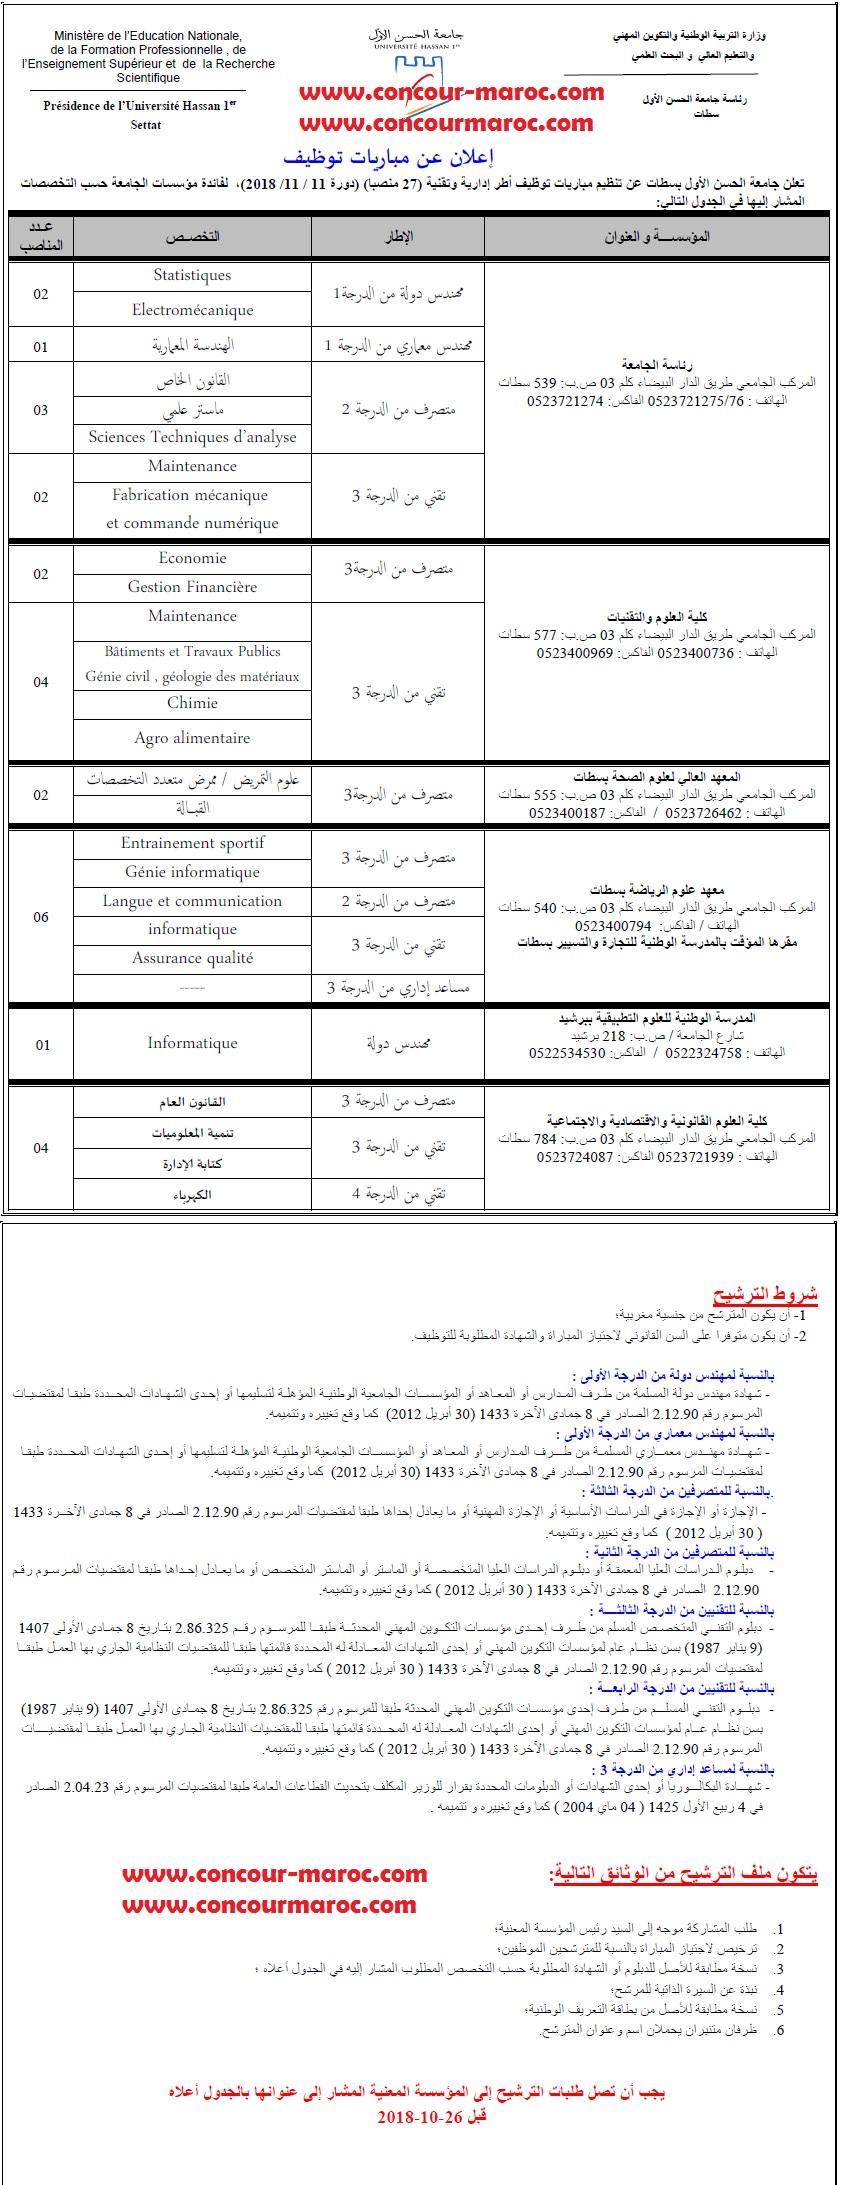 جامعة الحسن الأول - سطات : مباراة لتوظيف تقنيين و أطر إدارية وتقنية آخر أجل 25 اكتوبر 2018   Concou38